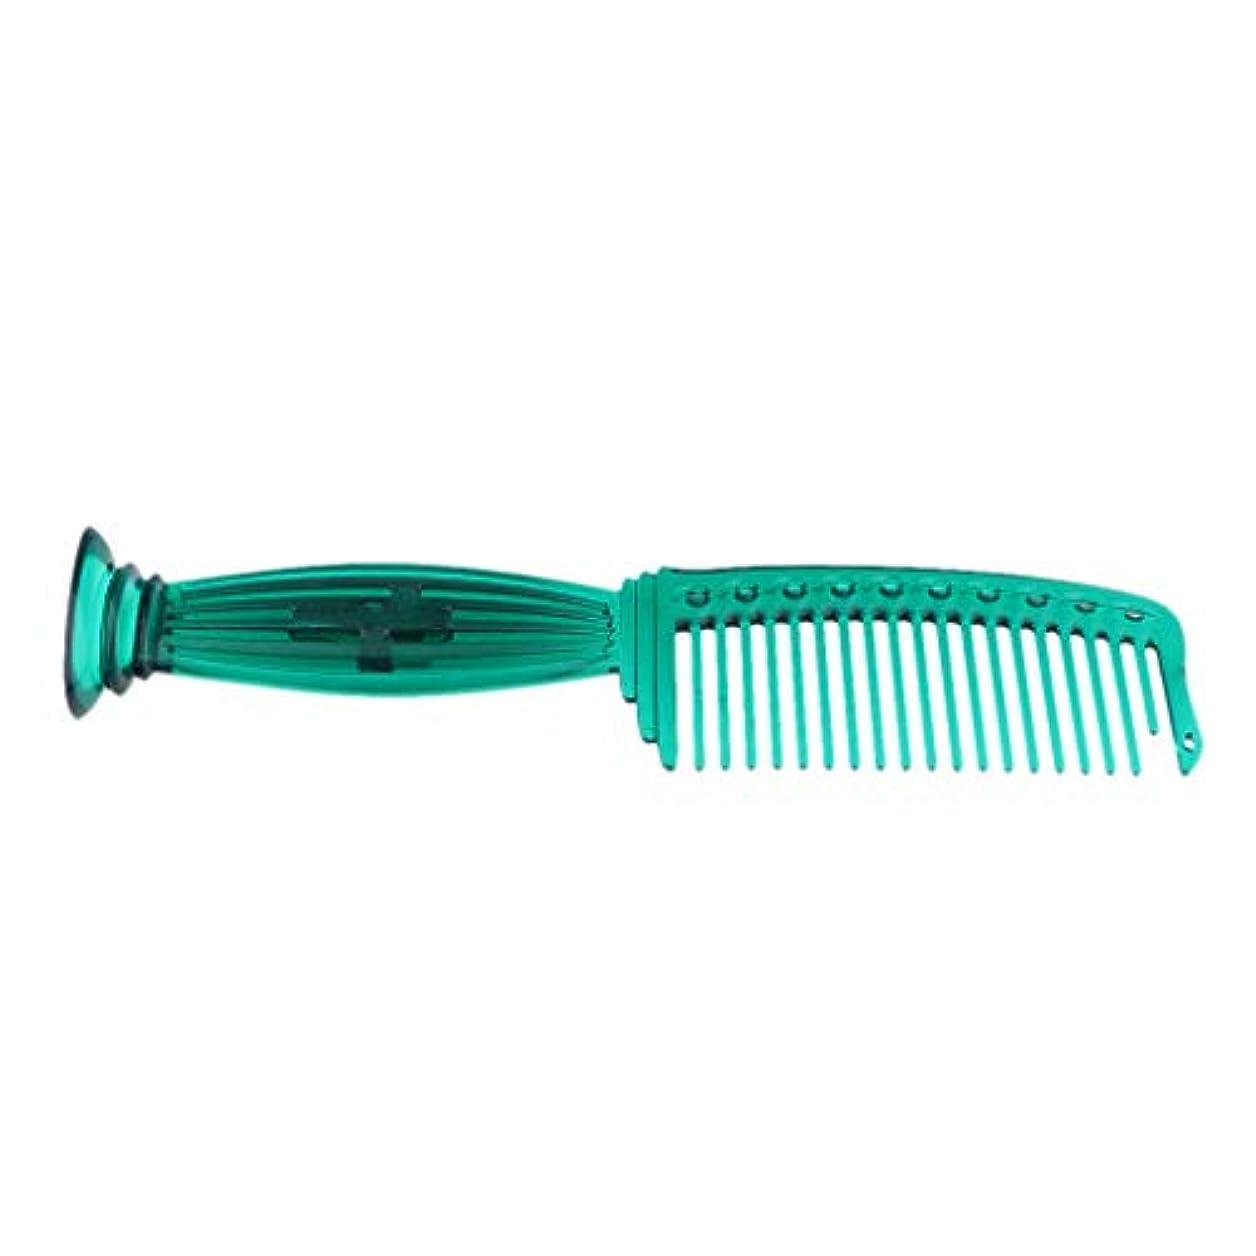 悪化させるぜいたく維持全5色 ワイド歯 ヘアコーム ヘアブラシ プラスチック櫛 頭皮保護 櫛 プロ ヘアサロン 理髪師用 - 緑